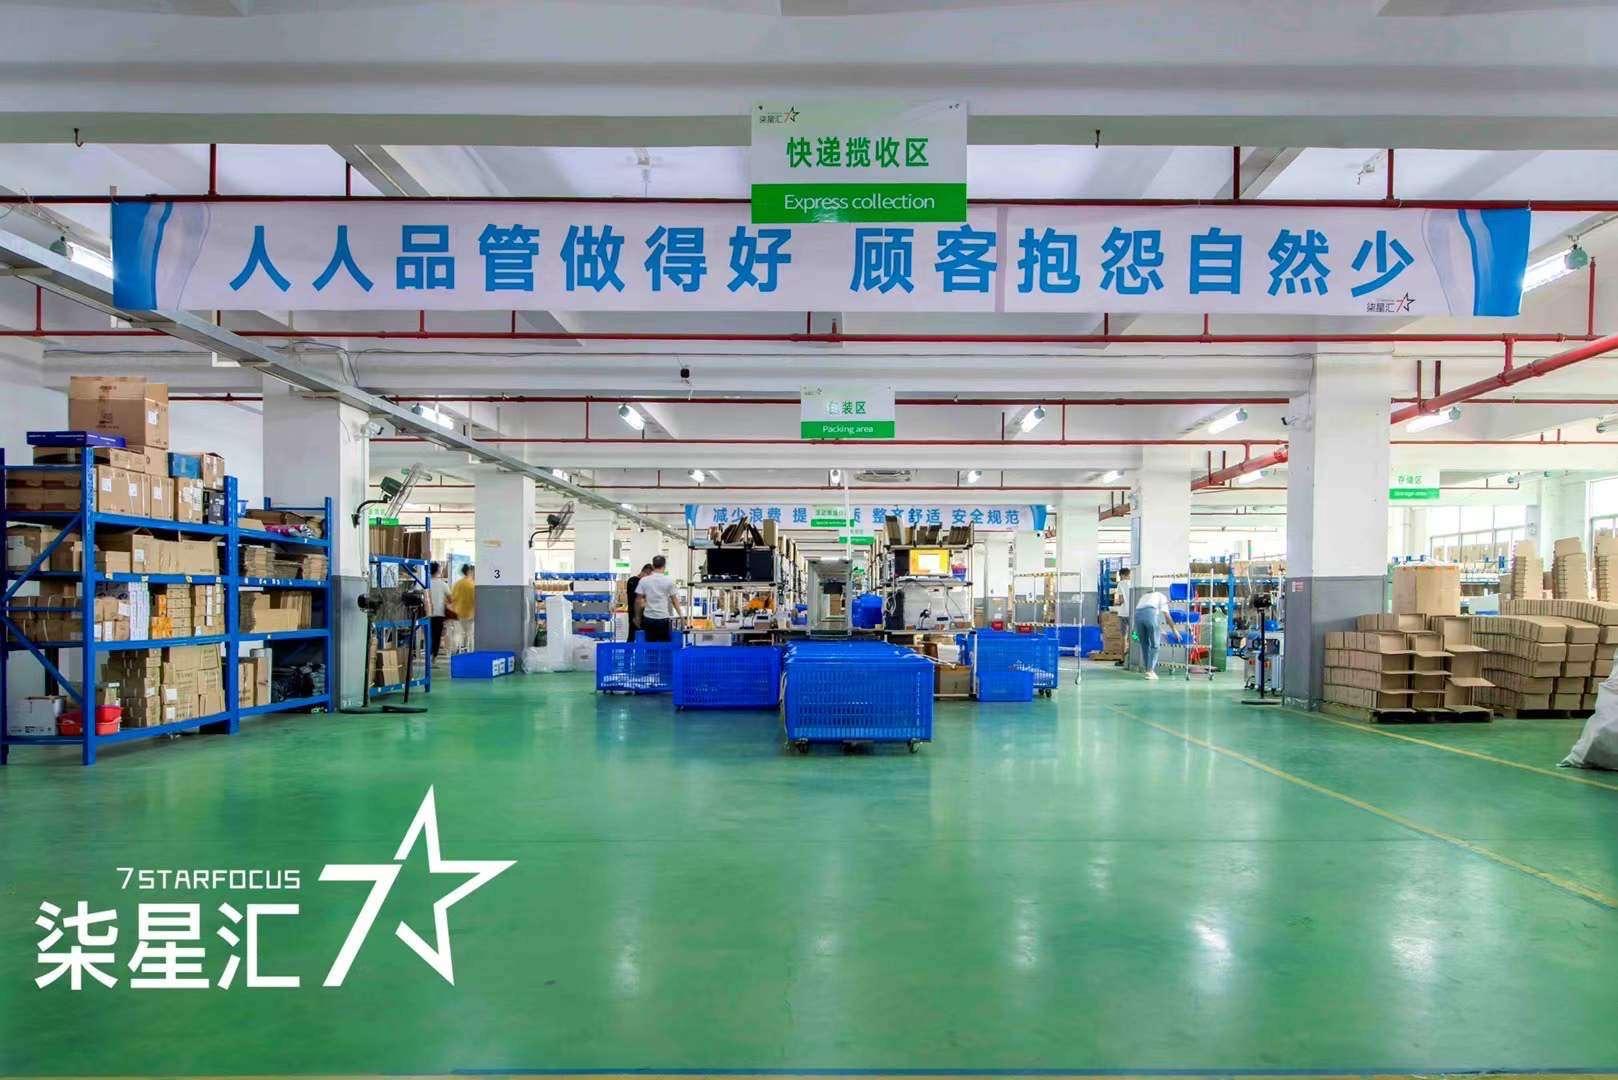 柒星汇供应链管理(深圳)有限公司